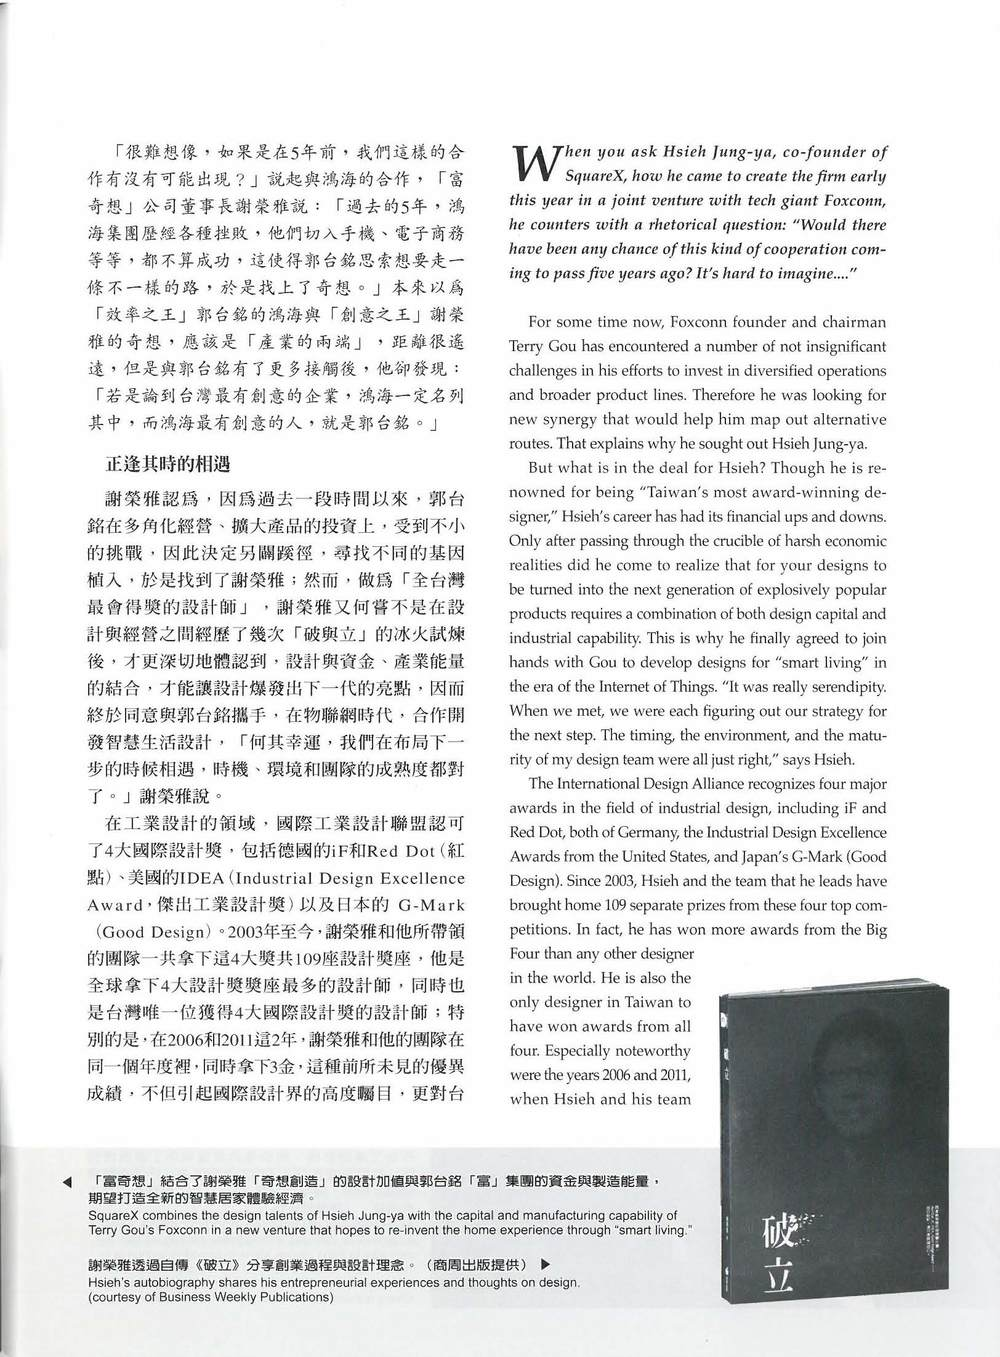 大破大立 謝榮雅_台灣光華雜誌_2015年04月刊-3.jpg